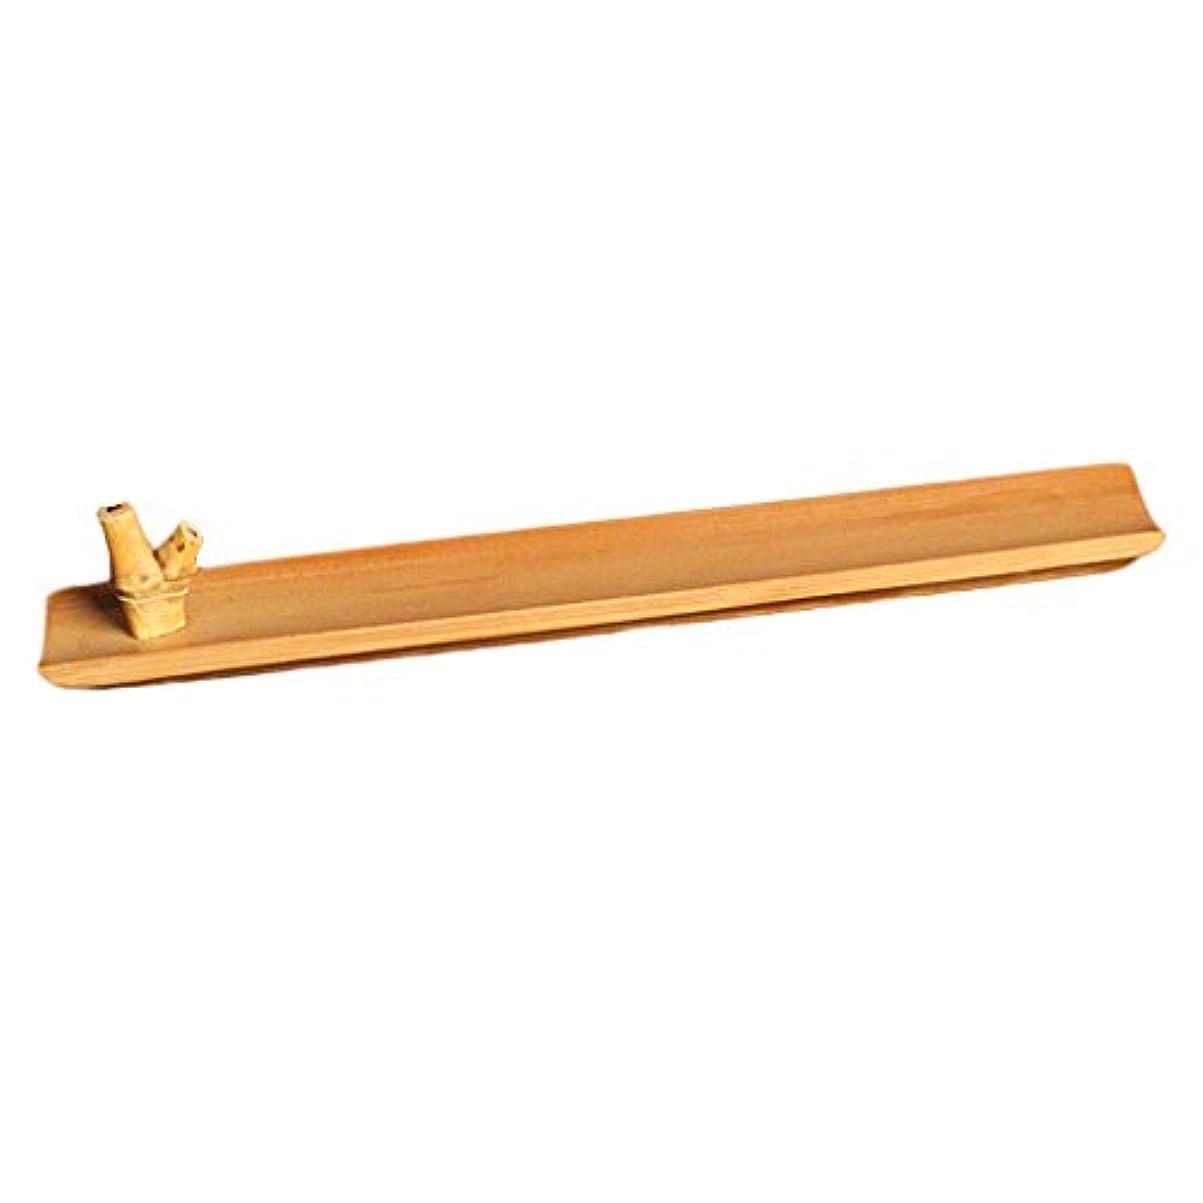 ドライにおい暖かさ竹 お香立て スティック 香 ホルダー バーナースティック 手作り 工芸品 アロマセラピー、ヨガ、レイキ、マッサージ、太極拳、瞑想の愛好家に最適